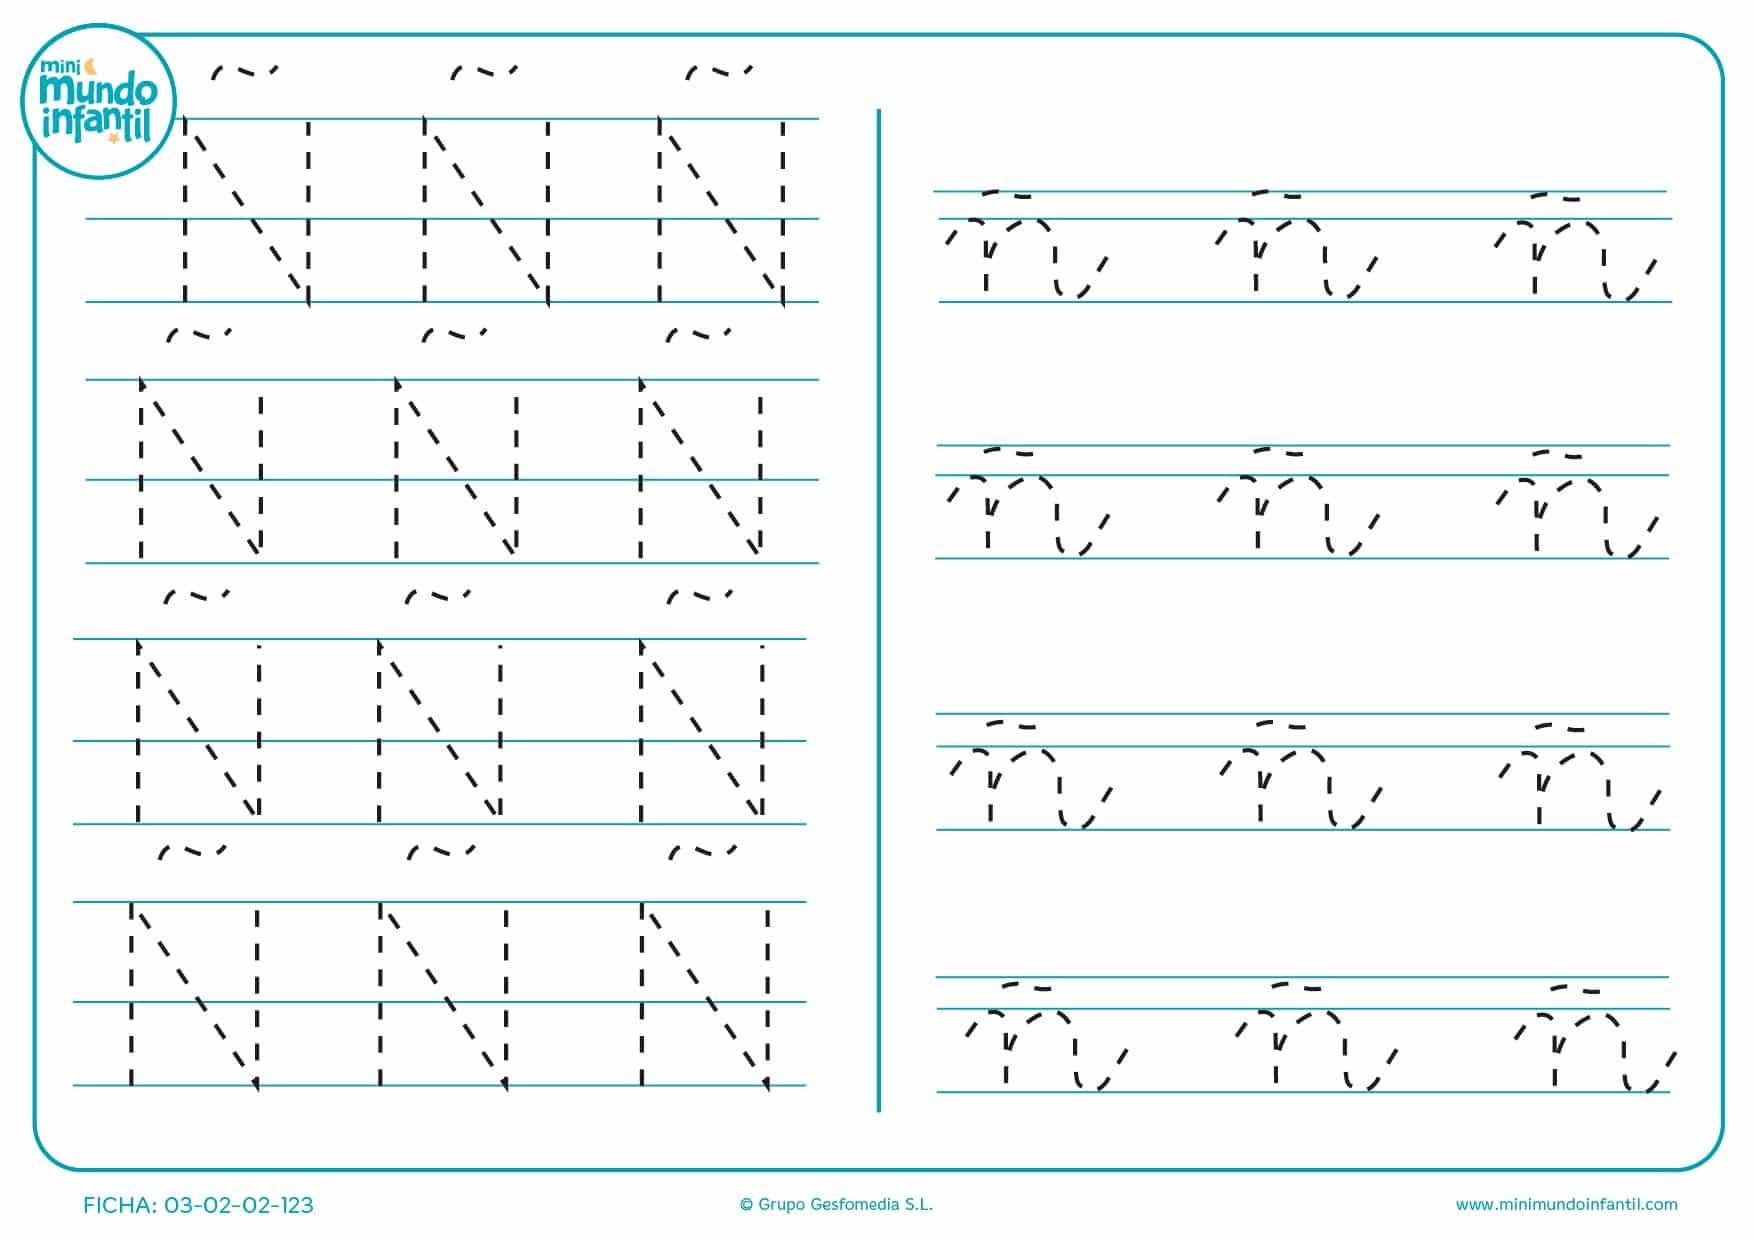 Seguir líneas discontínuas de la letrs Ñ en mayúscula y ñ en minúscula